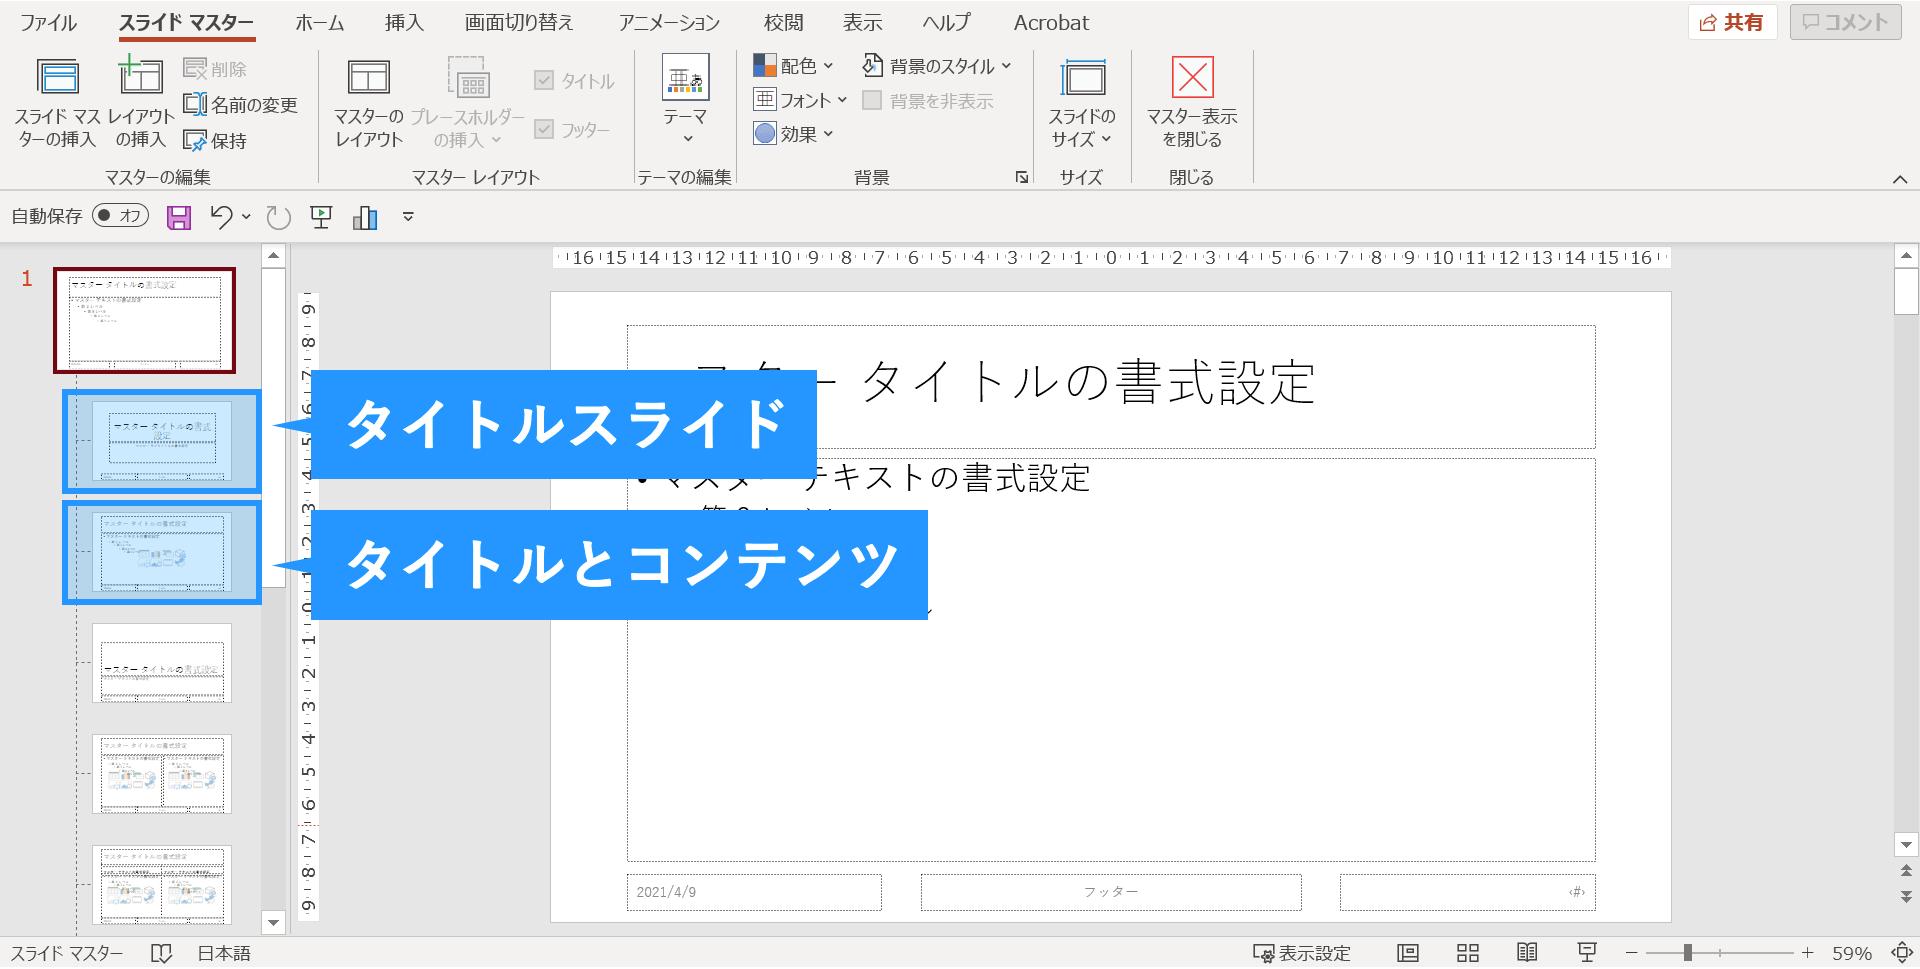 パワーポイント,PowerPoint,スライドマスター,使い方